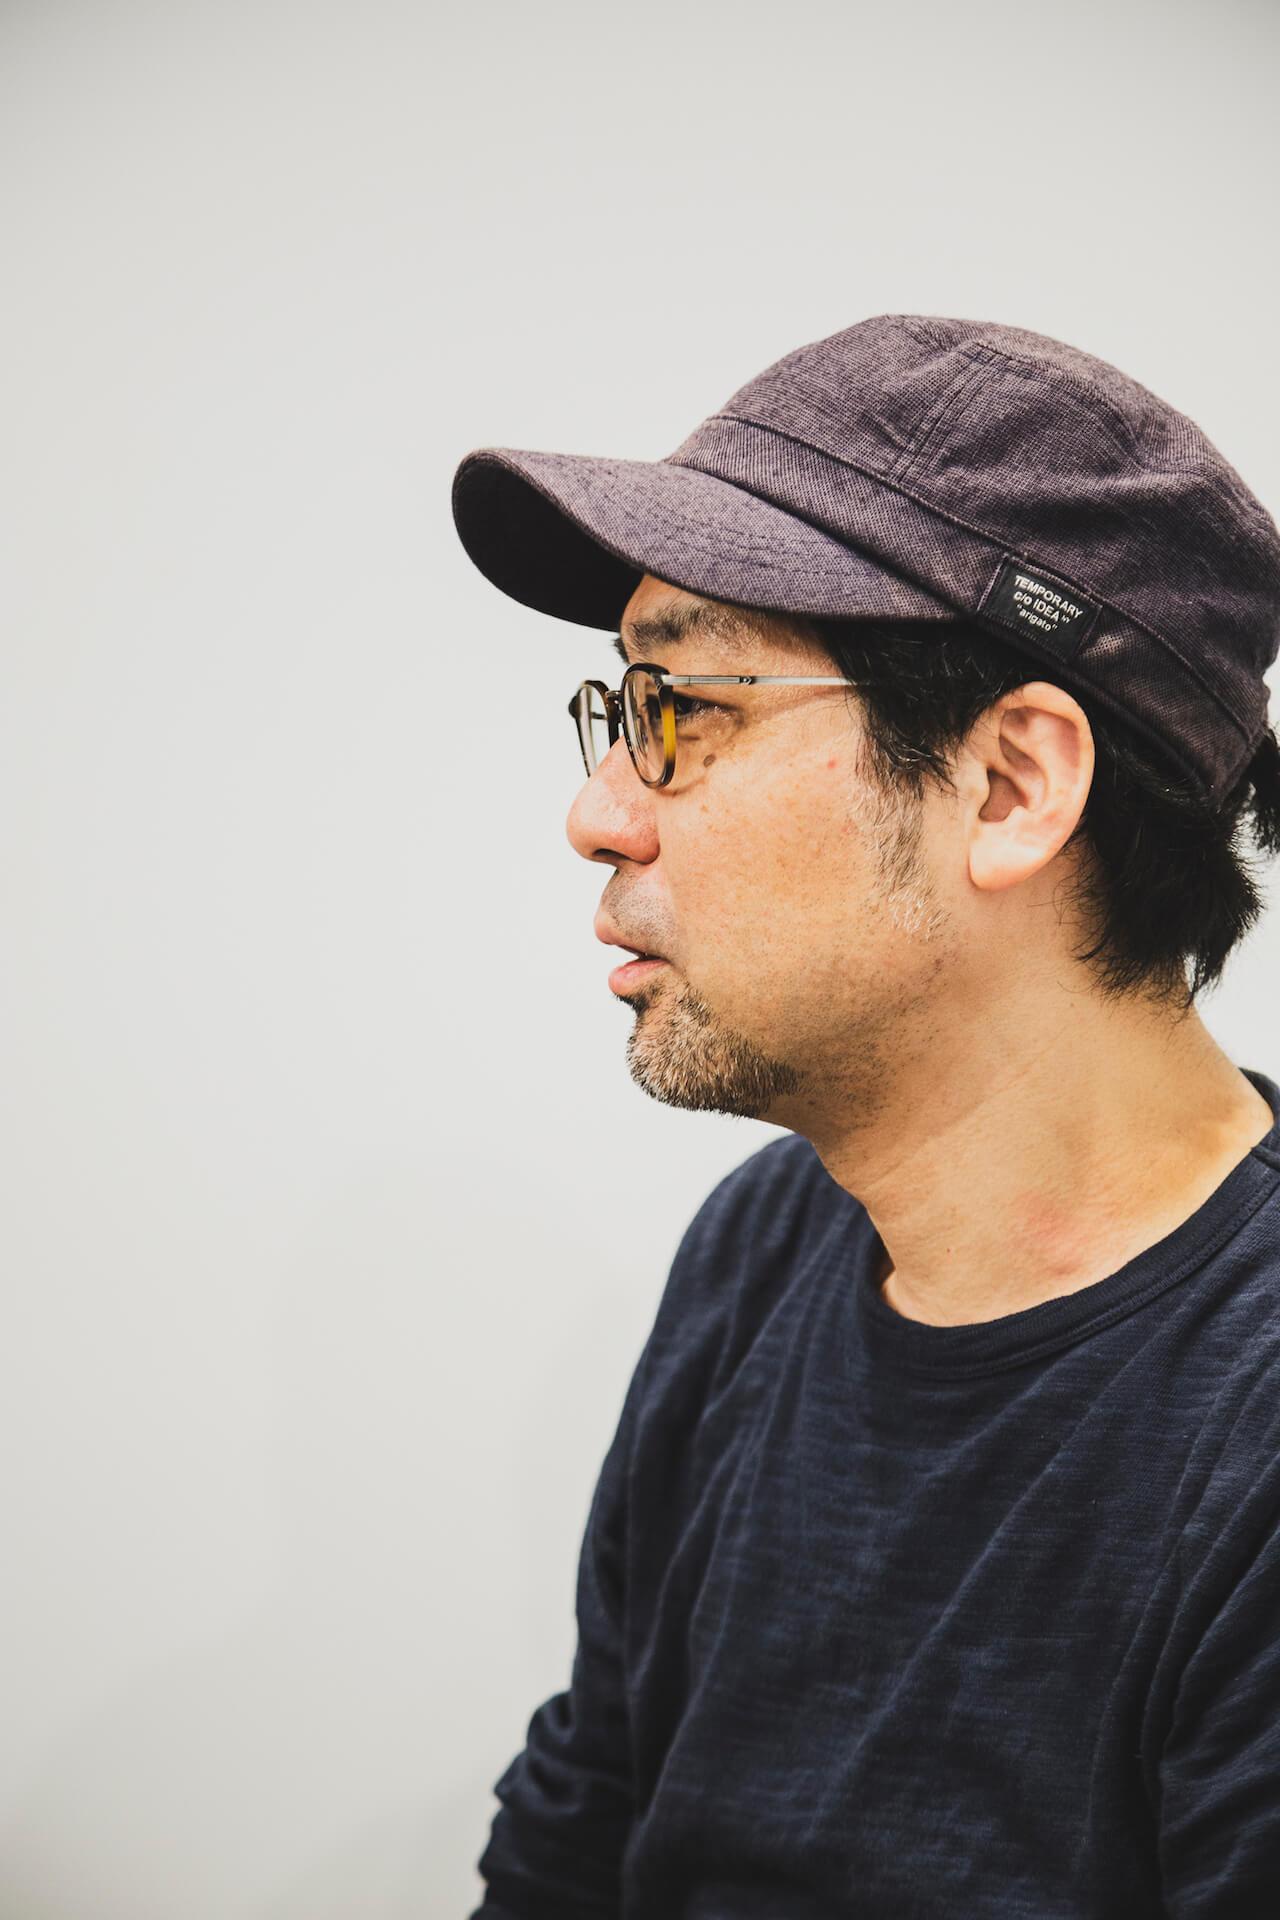 KIRINJI堀込と千ヶ崎が探る、現代に響く音とは? interview-kirinji-1